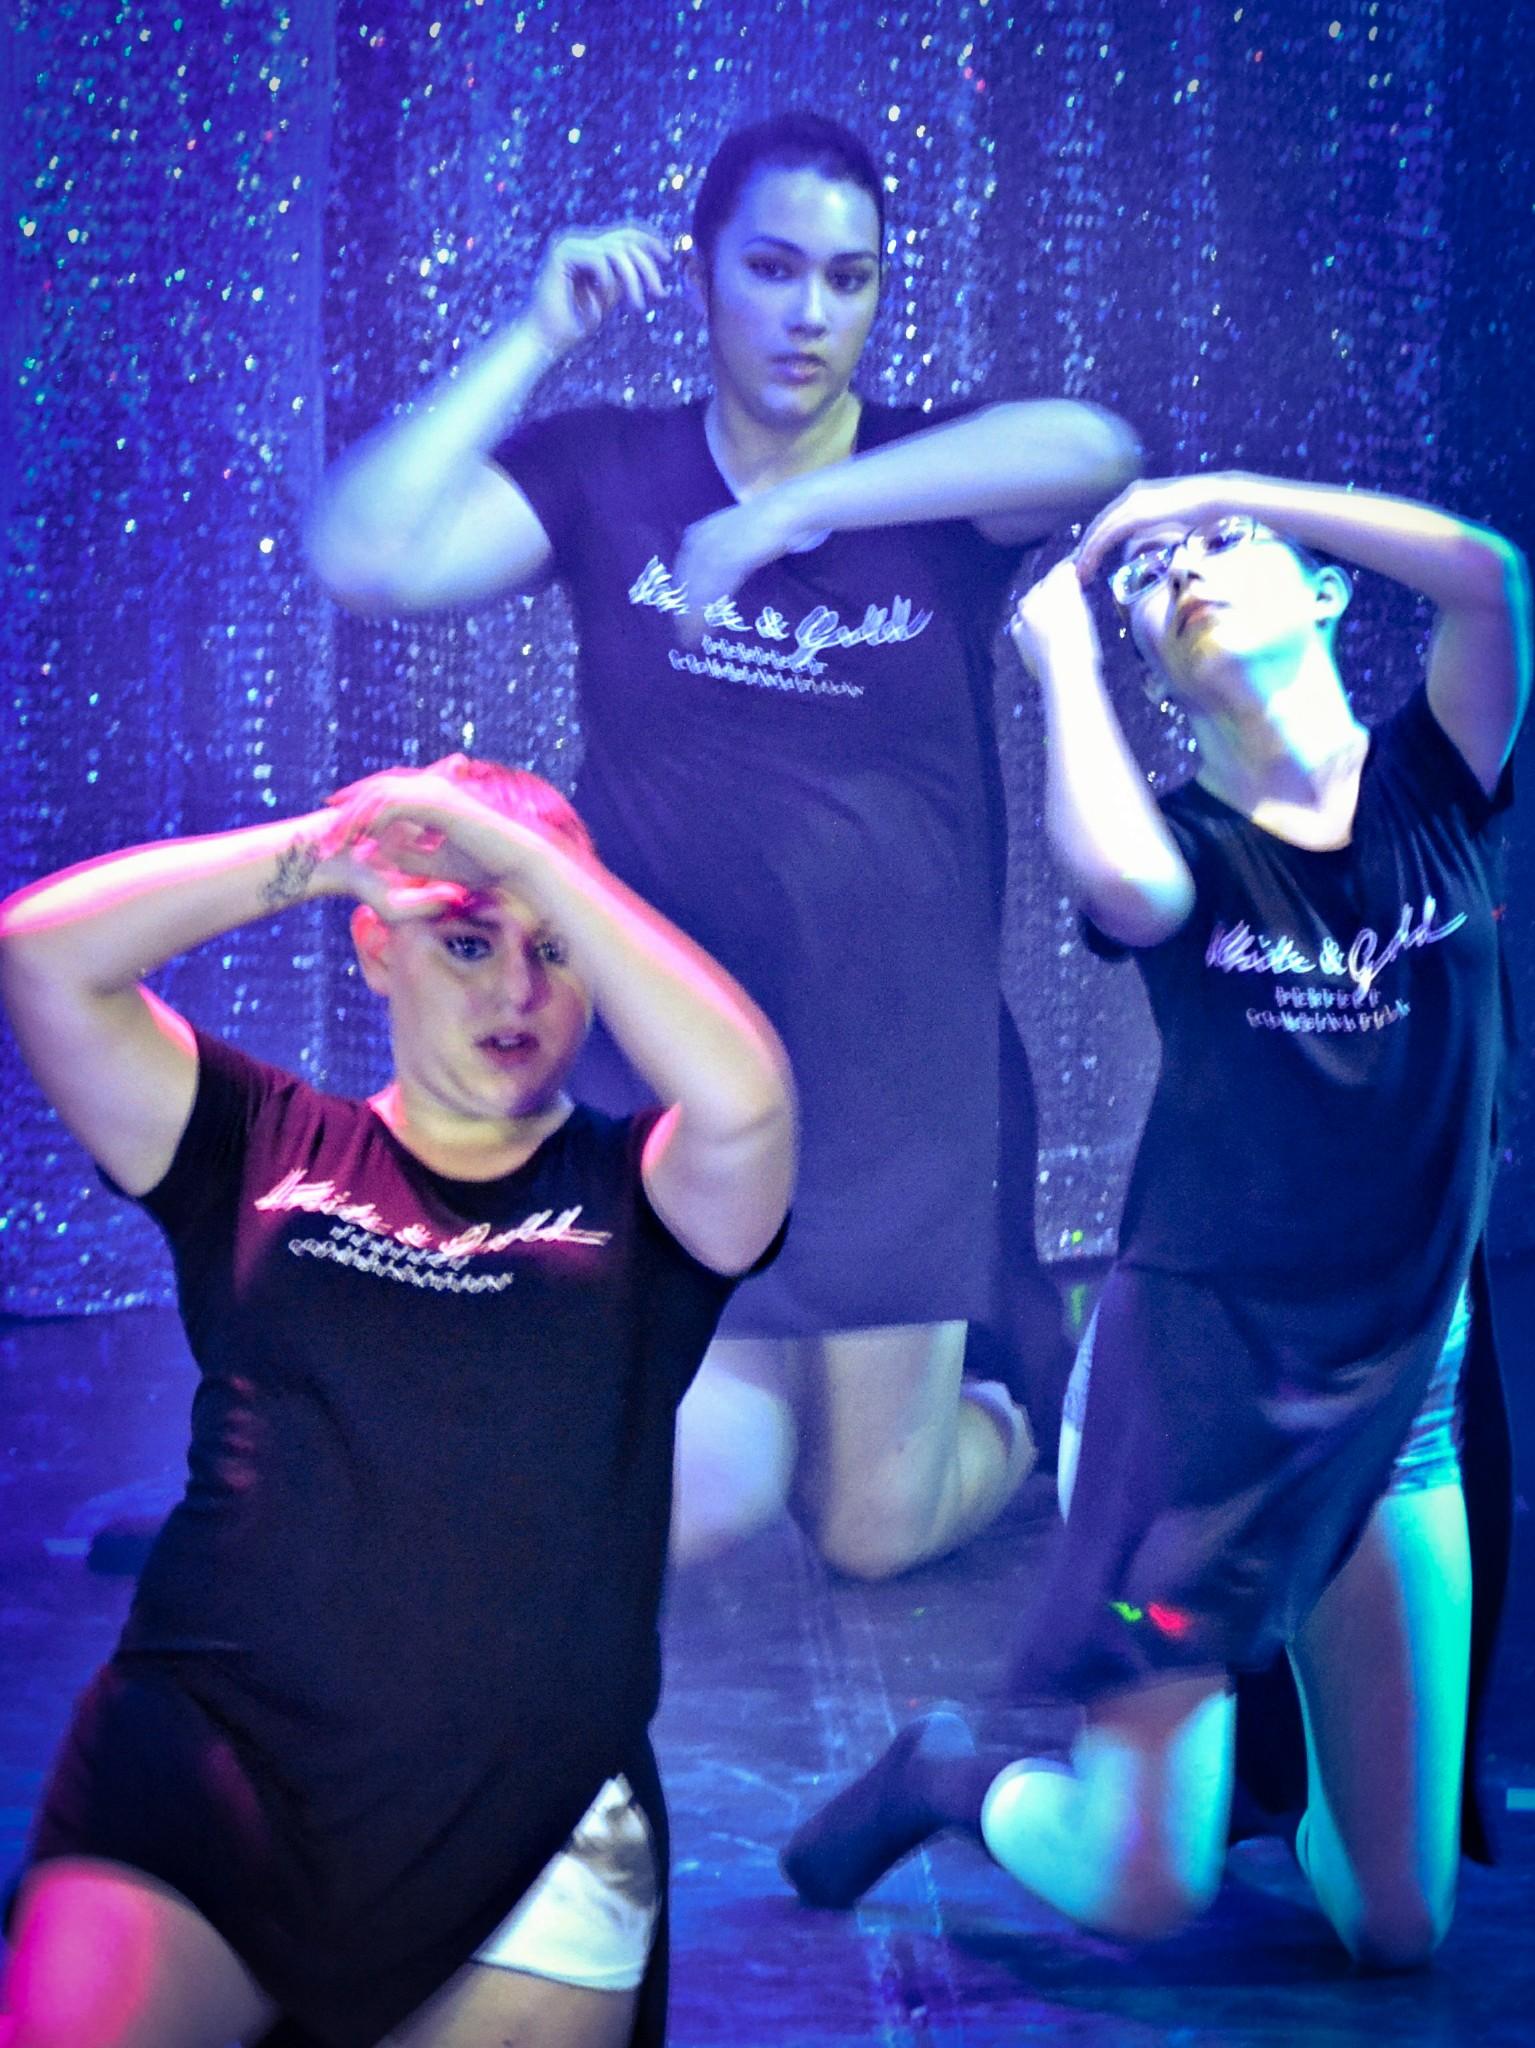 Linea-de-Baile-festival-verano-2015-clases-de-baile-valencia-86